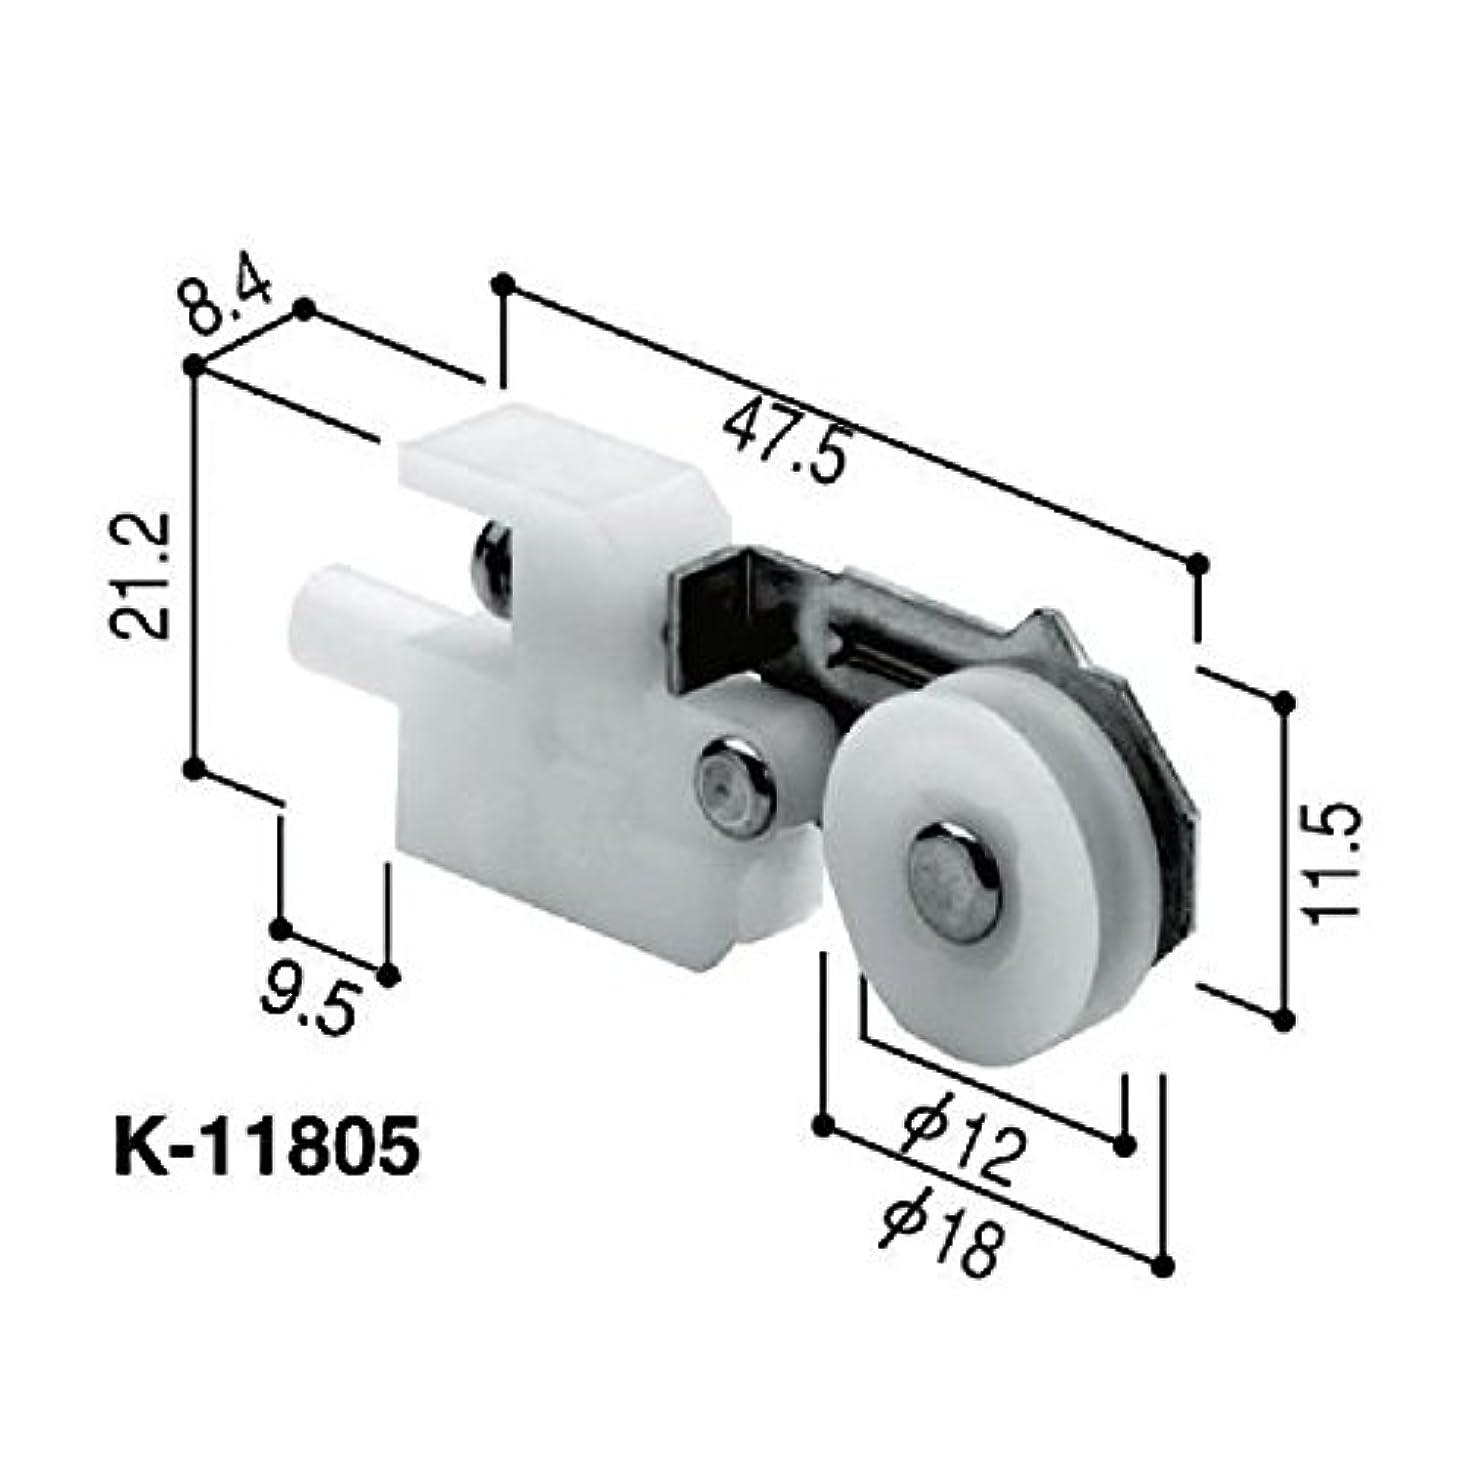 領域ケーブルカービットYKKAP メンテナンス部品 網戸用戸車 (HH-T-0011) (左右セット) YS:シルバー *製品色?形状等仕様変更になる場合があります*